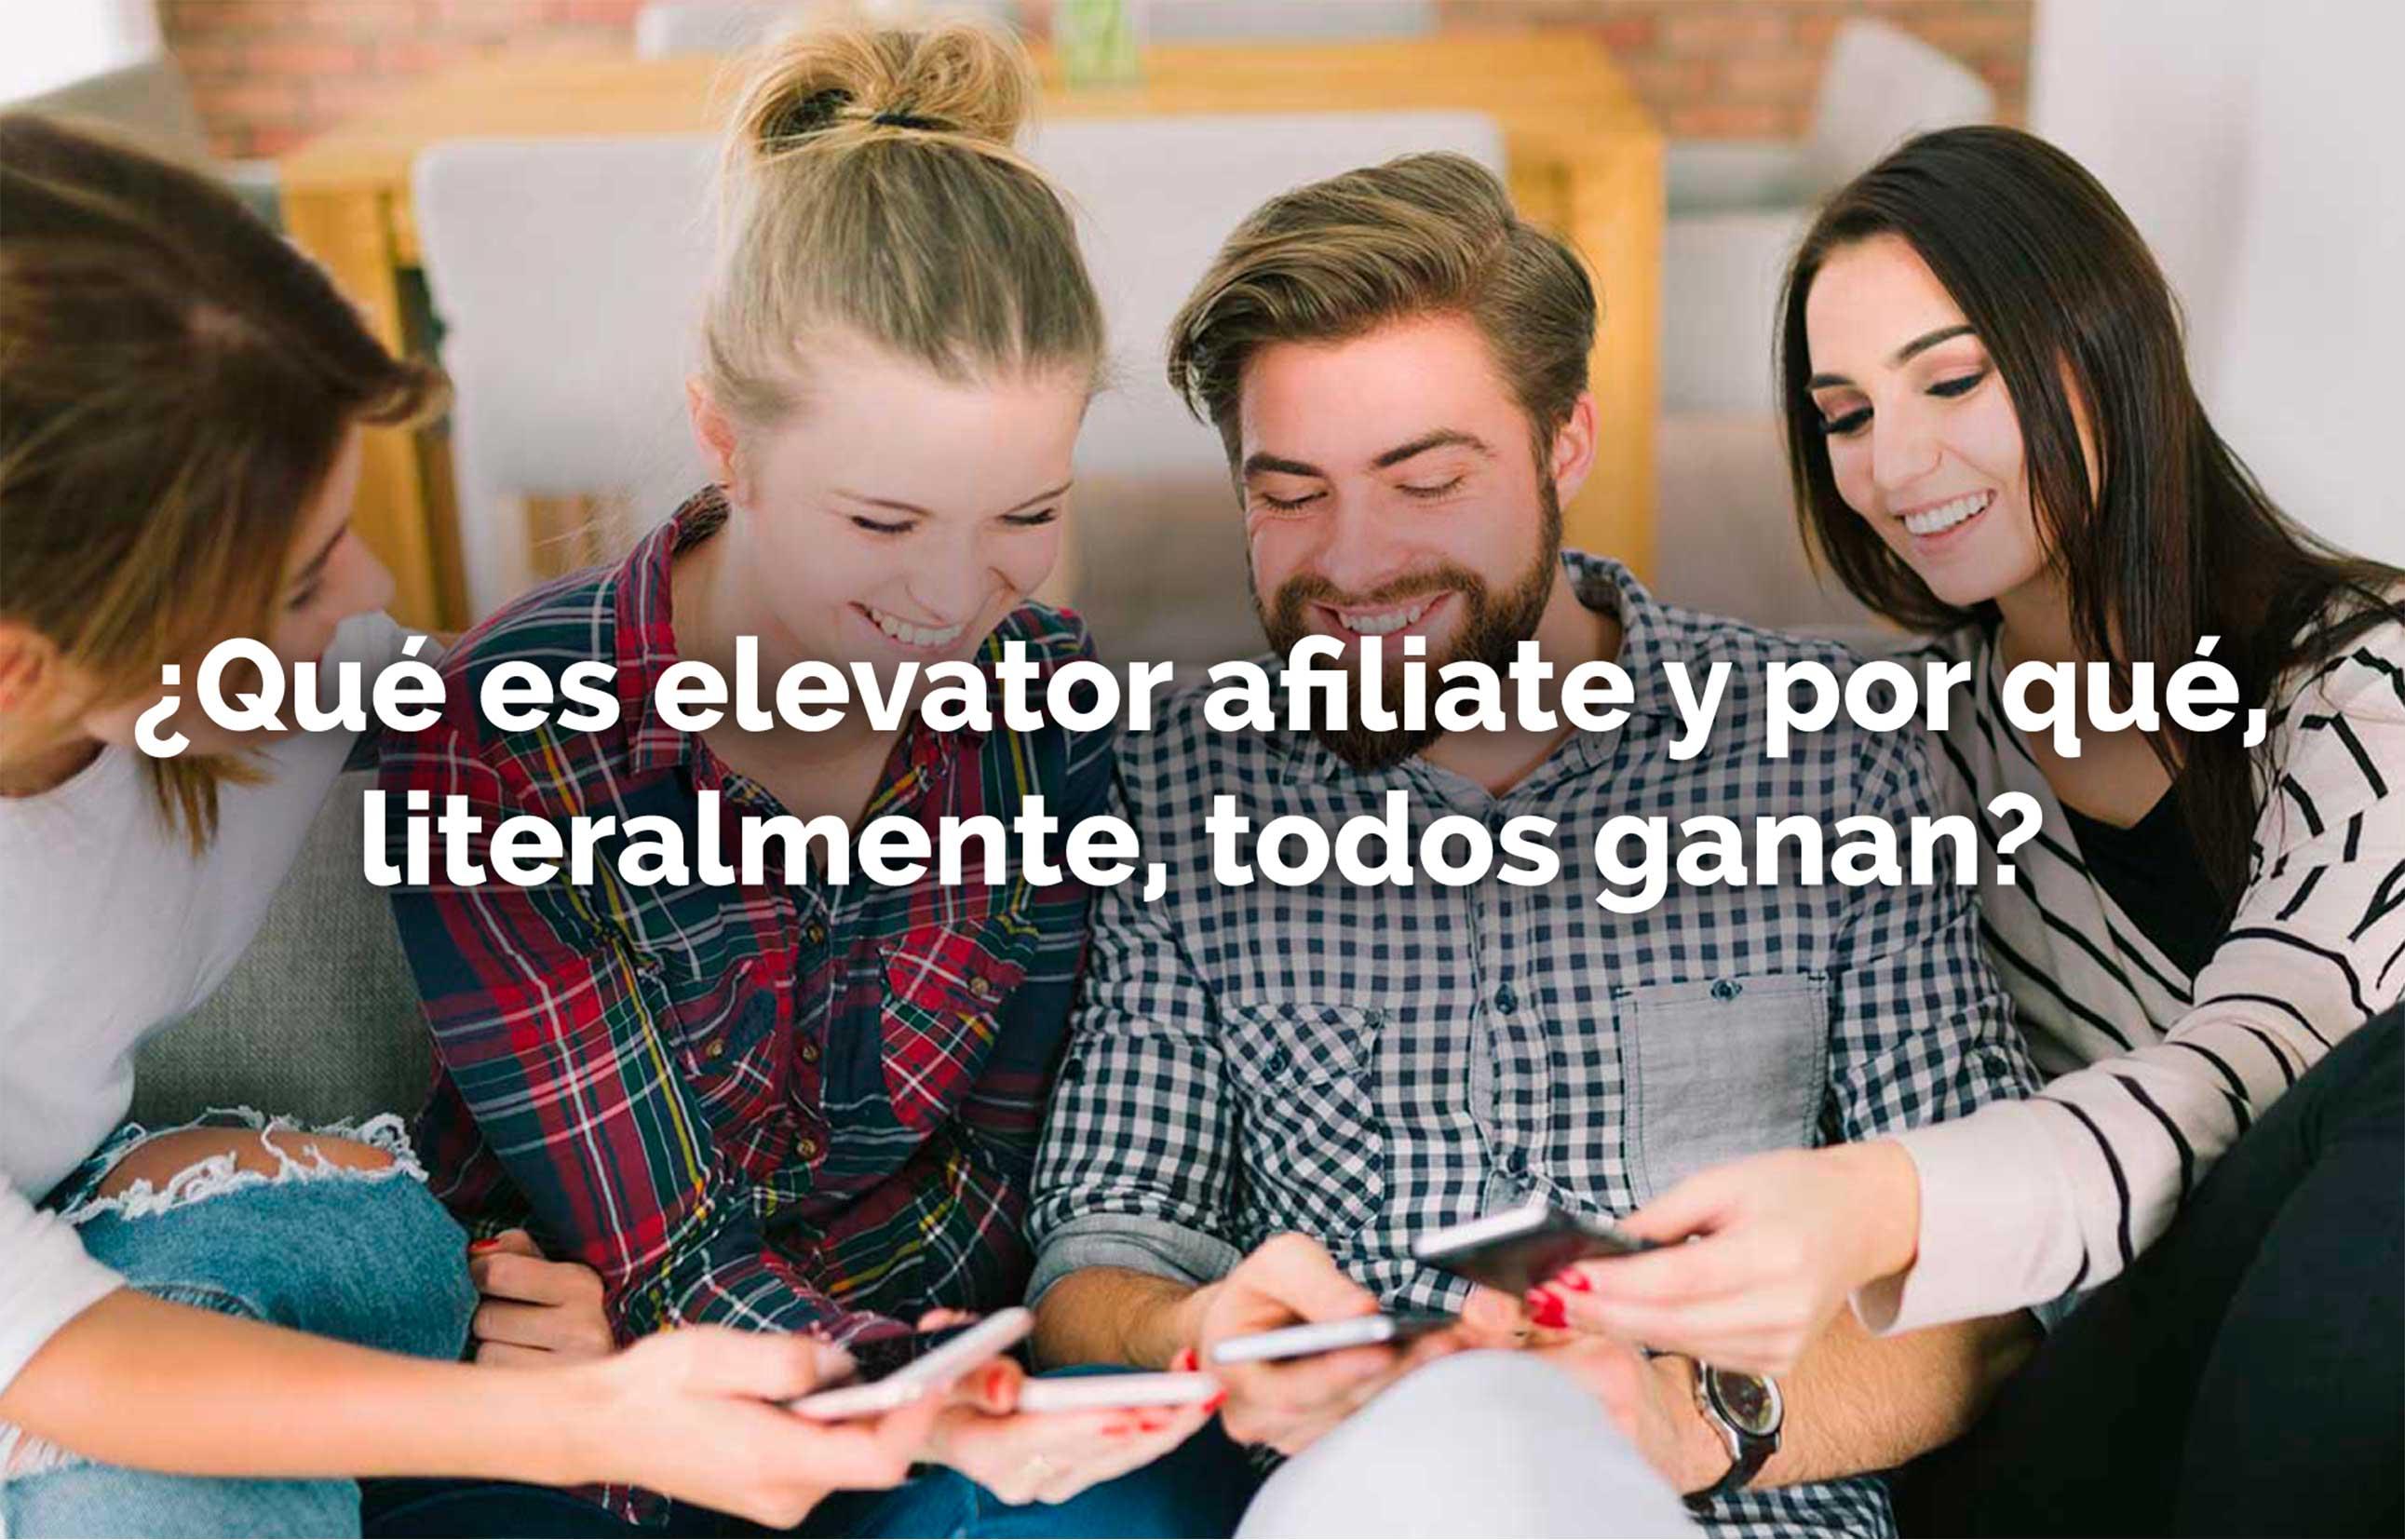 ¿Qué es elevator affiliate y por qué, literalmente, todos ganan?